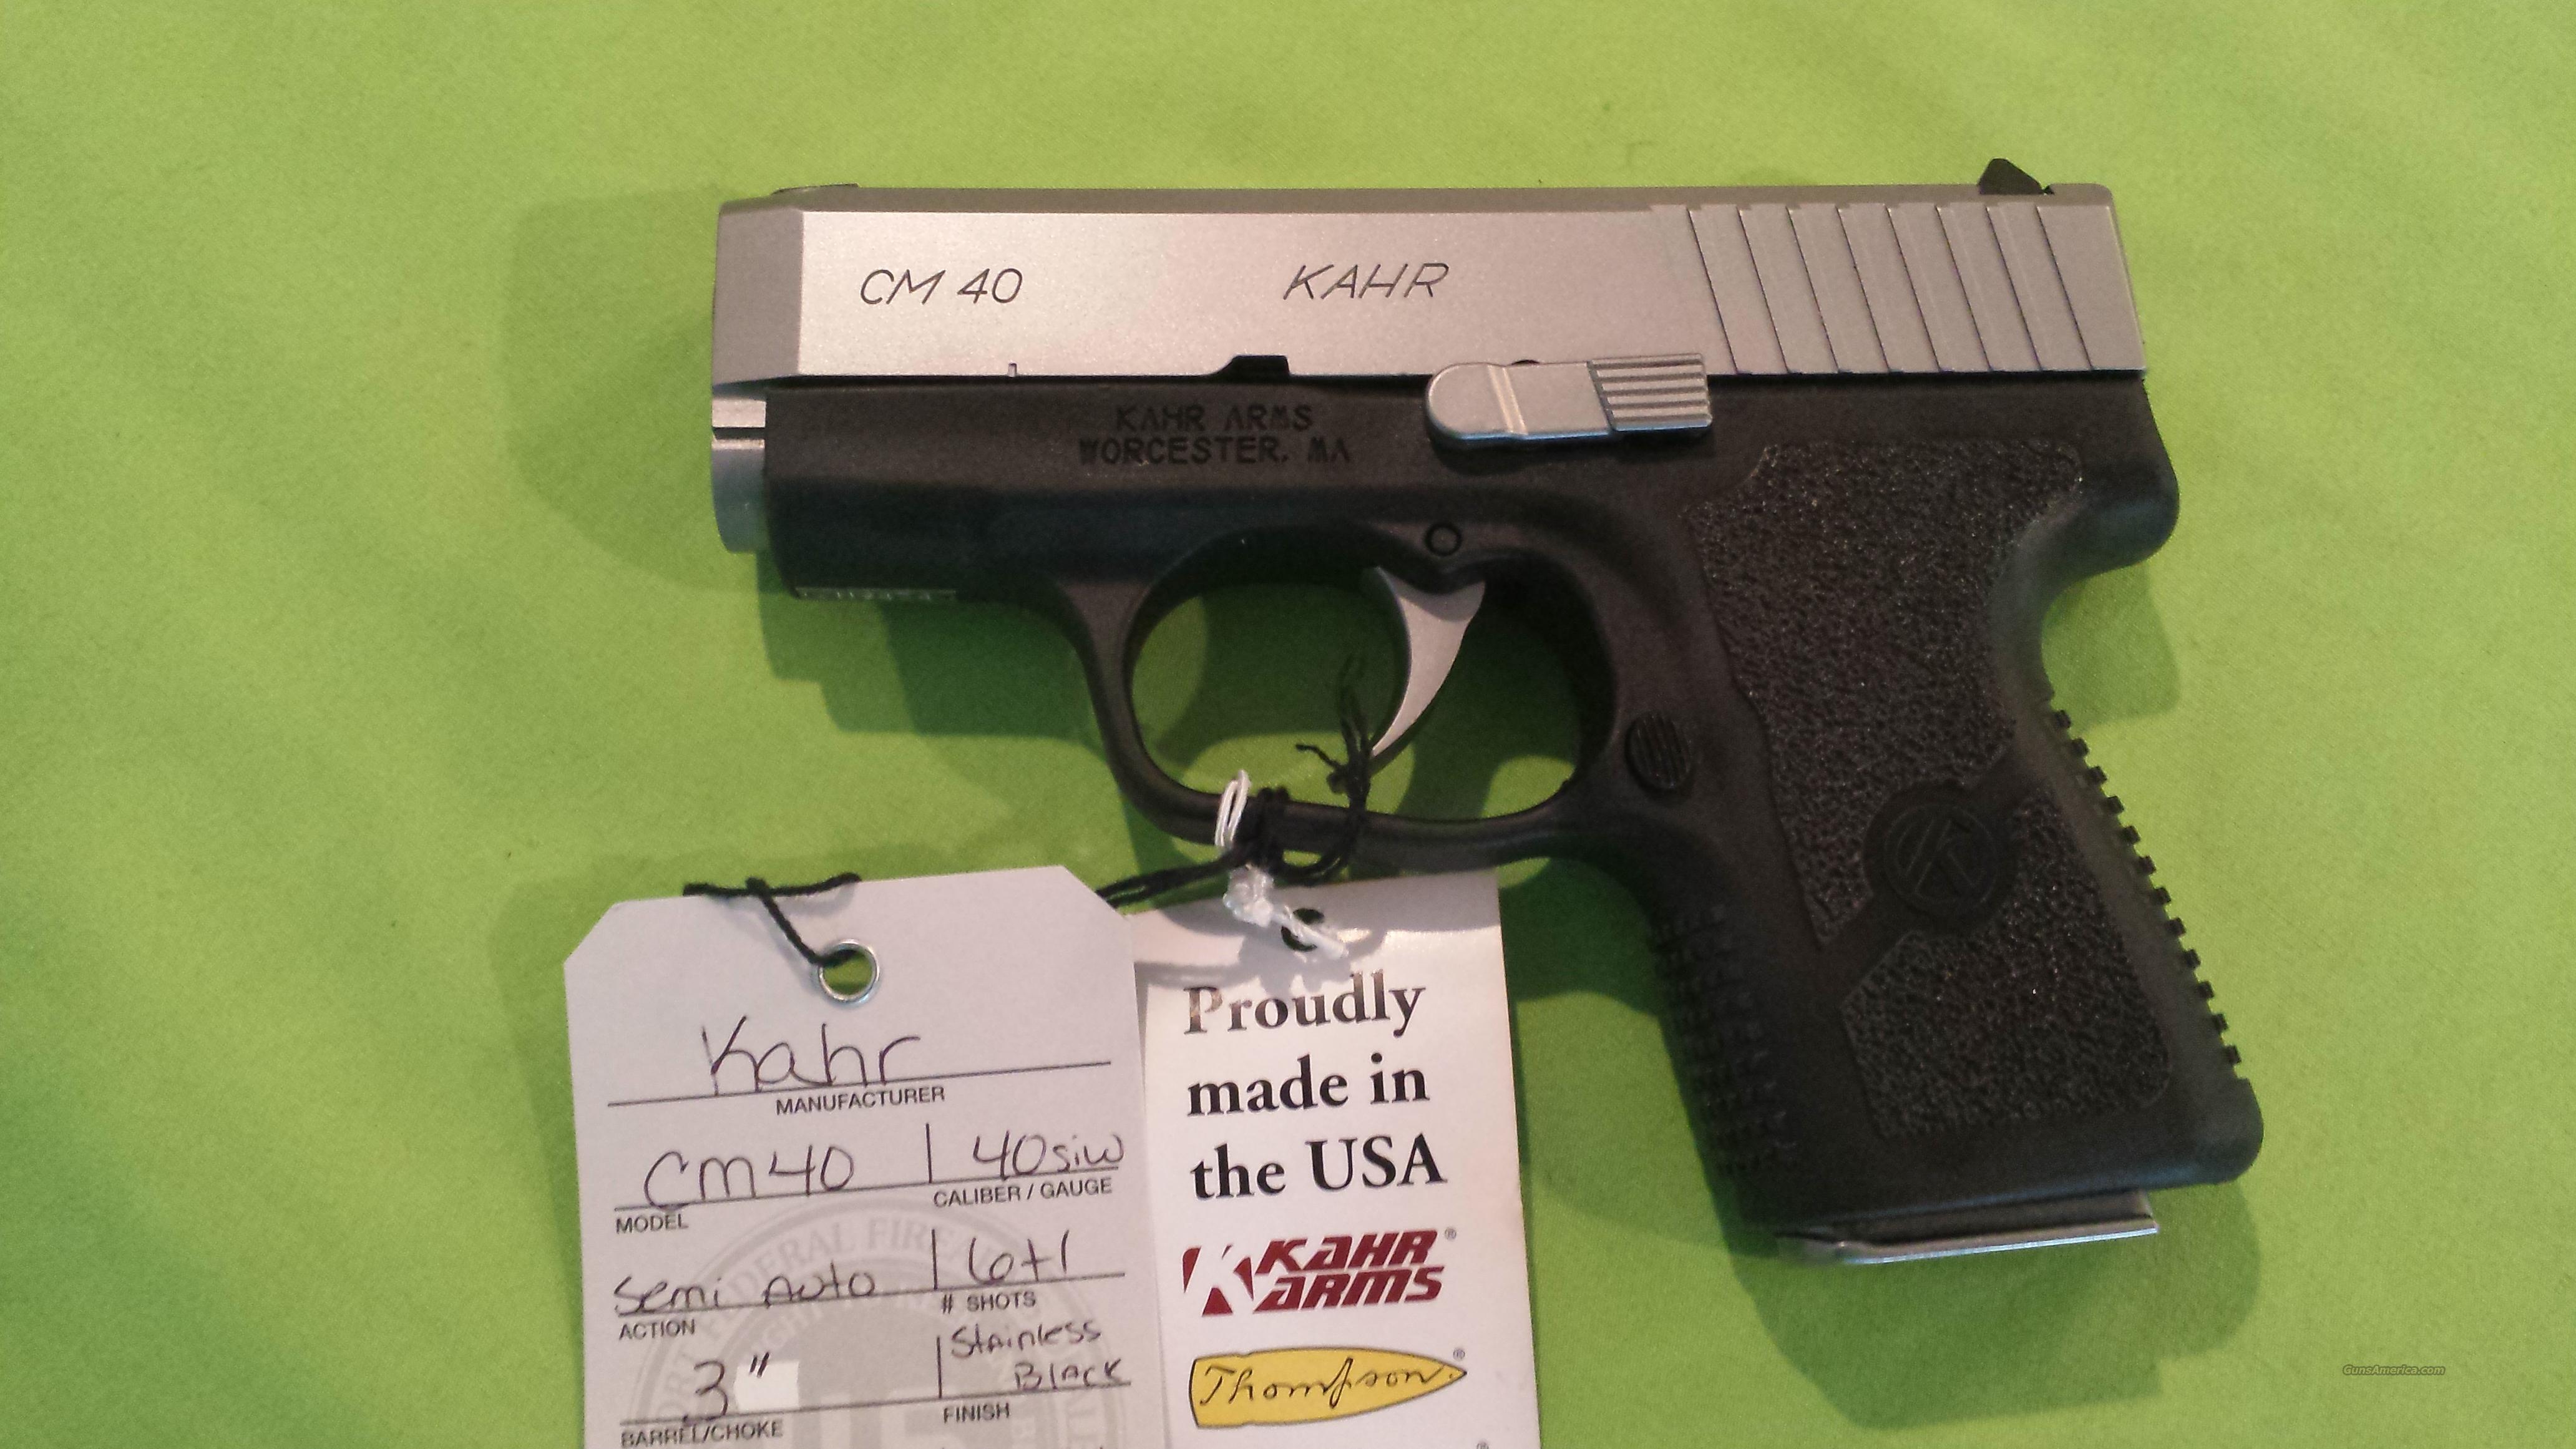 KAHR CM40 CM 40 40S&W 3.5 6RD DUO TONE POLY 1 MAG  Guns > Pistols > Kahr Pistols